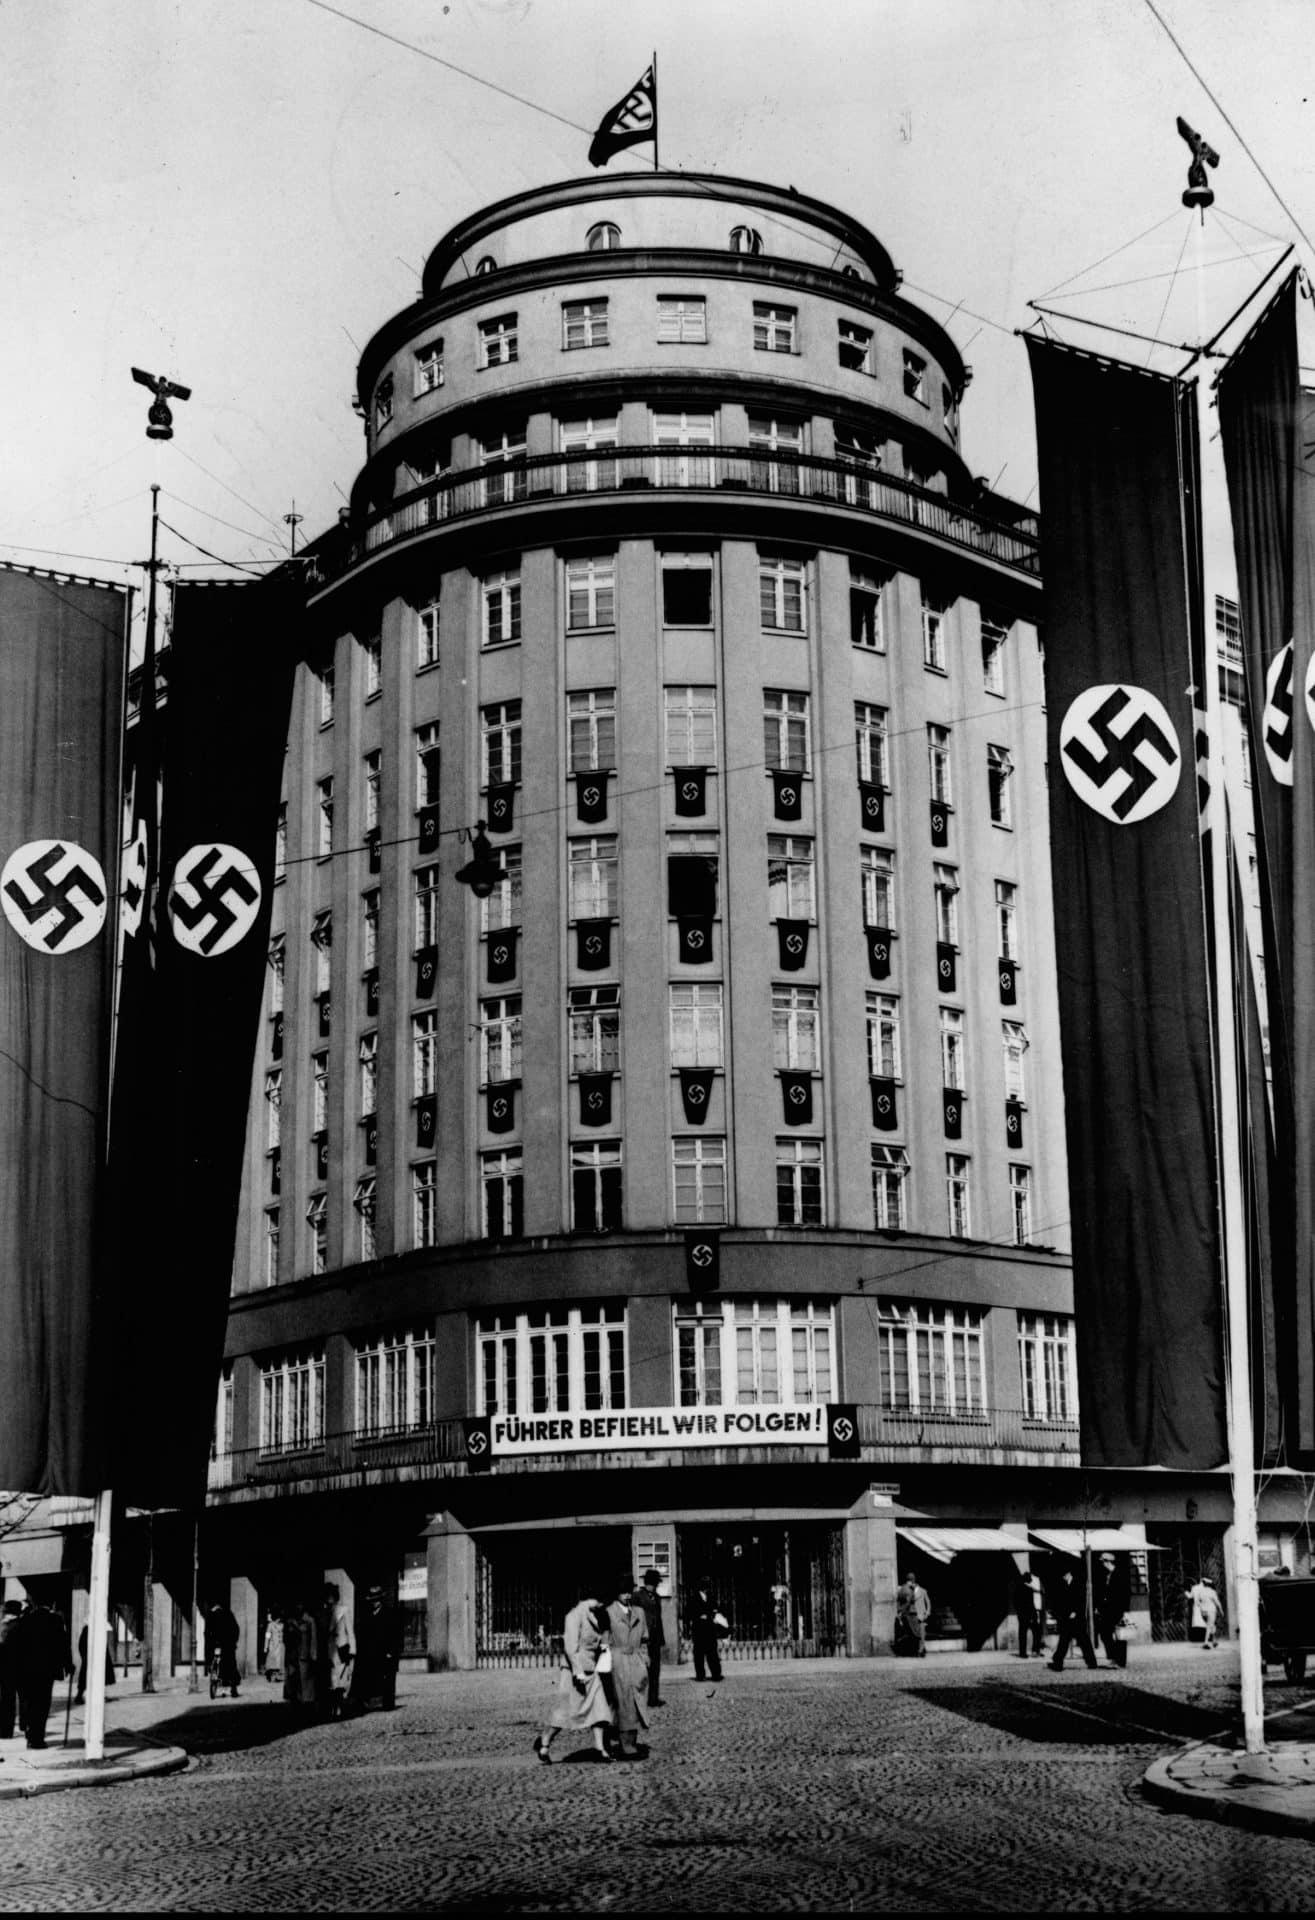 Centrala propagandy Generalnego Gubernatorstwa. Źródło: Narodowe Archiwum Cyfrowe. Niemiecka okupacja w Krakowie